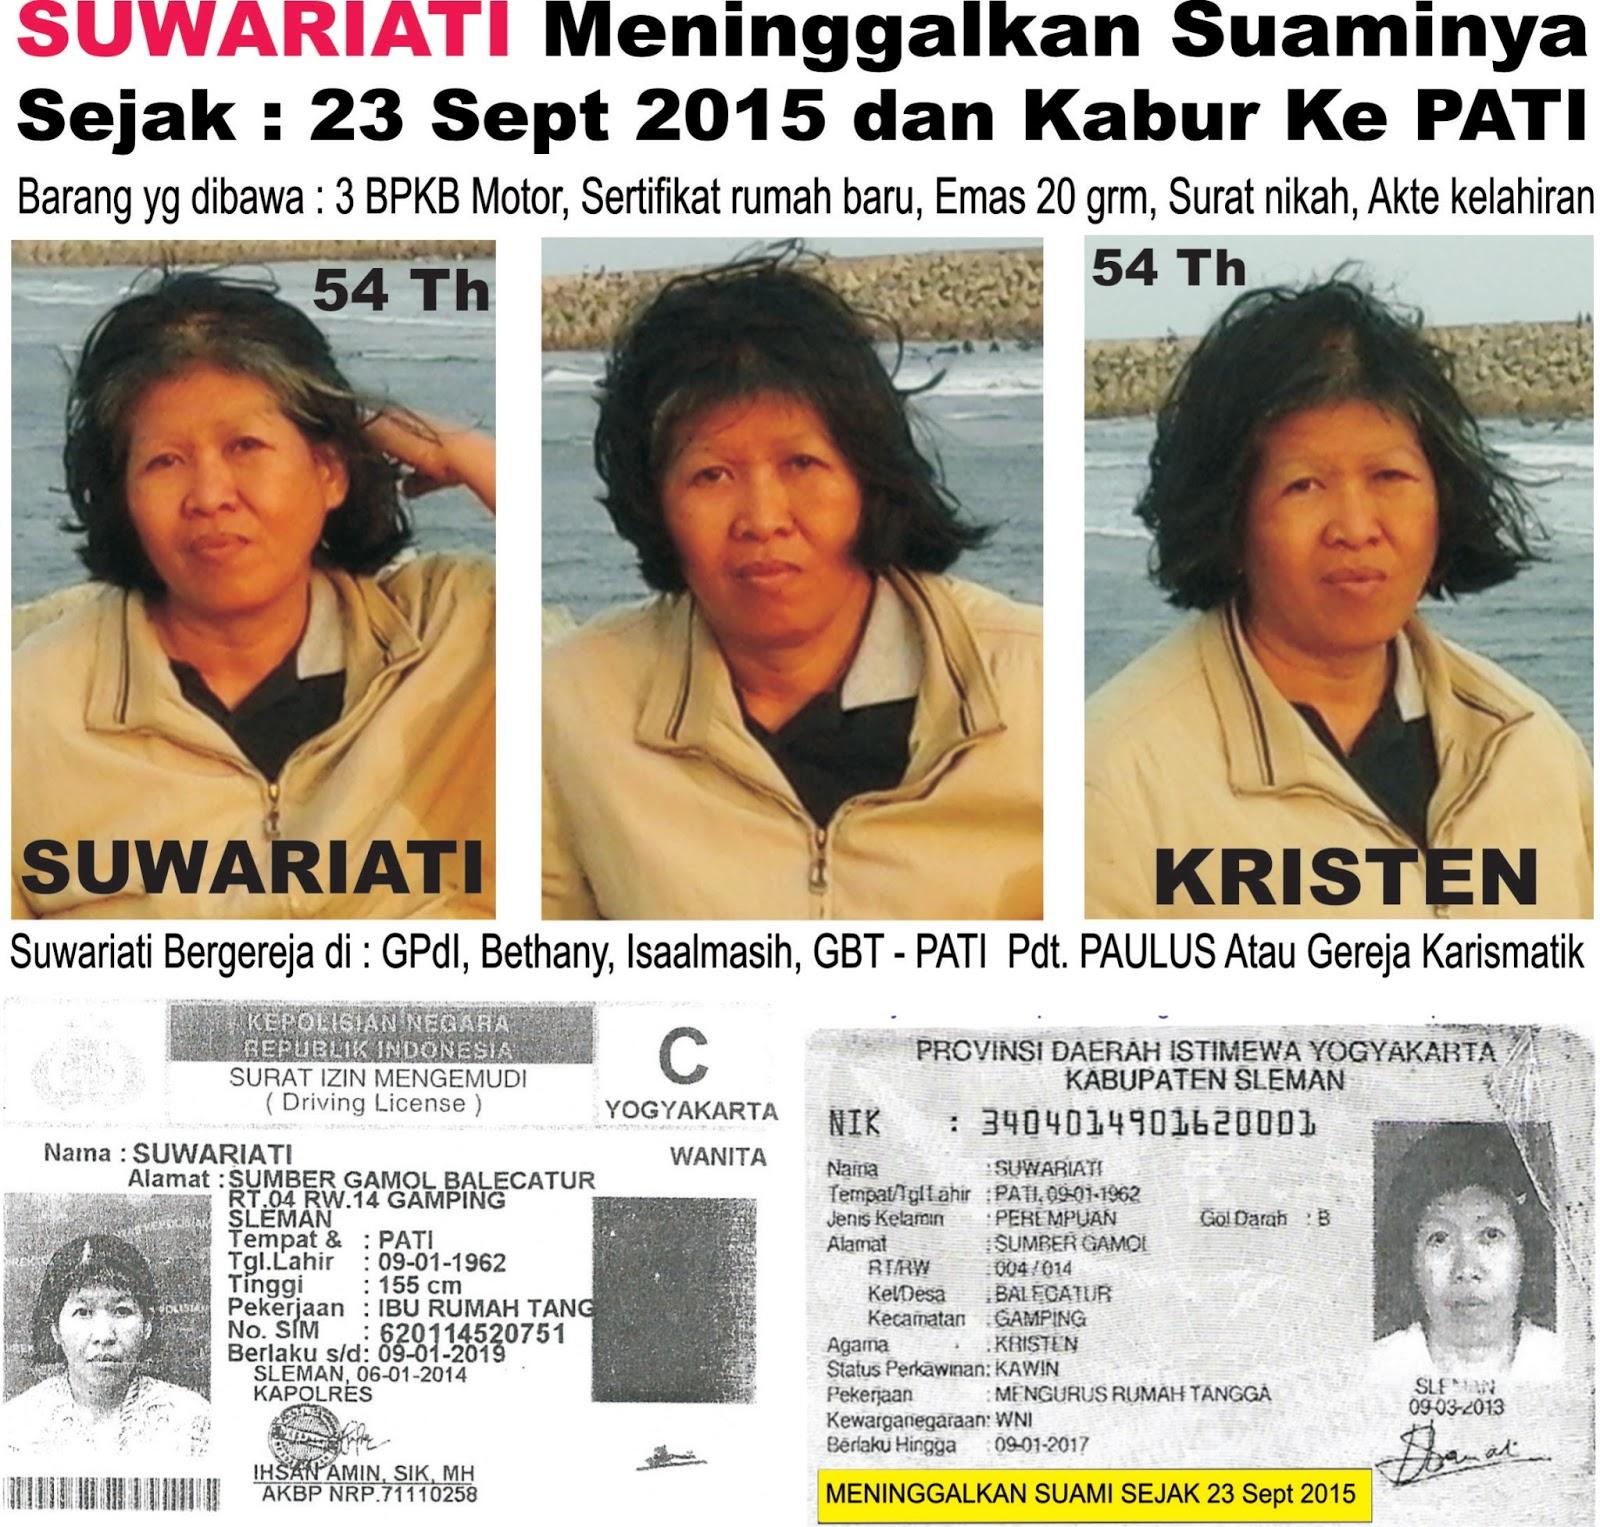 Murah Mana Baja Ringan Atau Kayu Tour And Travel, Jual Tiket Promo, Jasa Antar Jemput ...